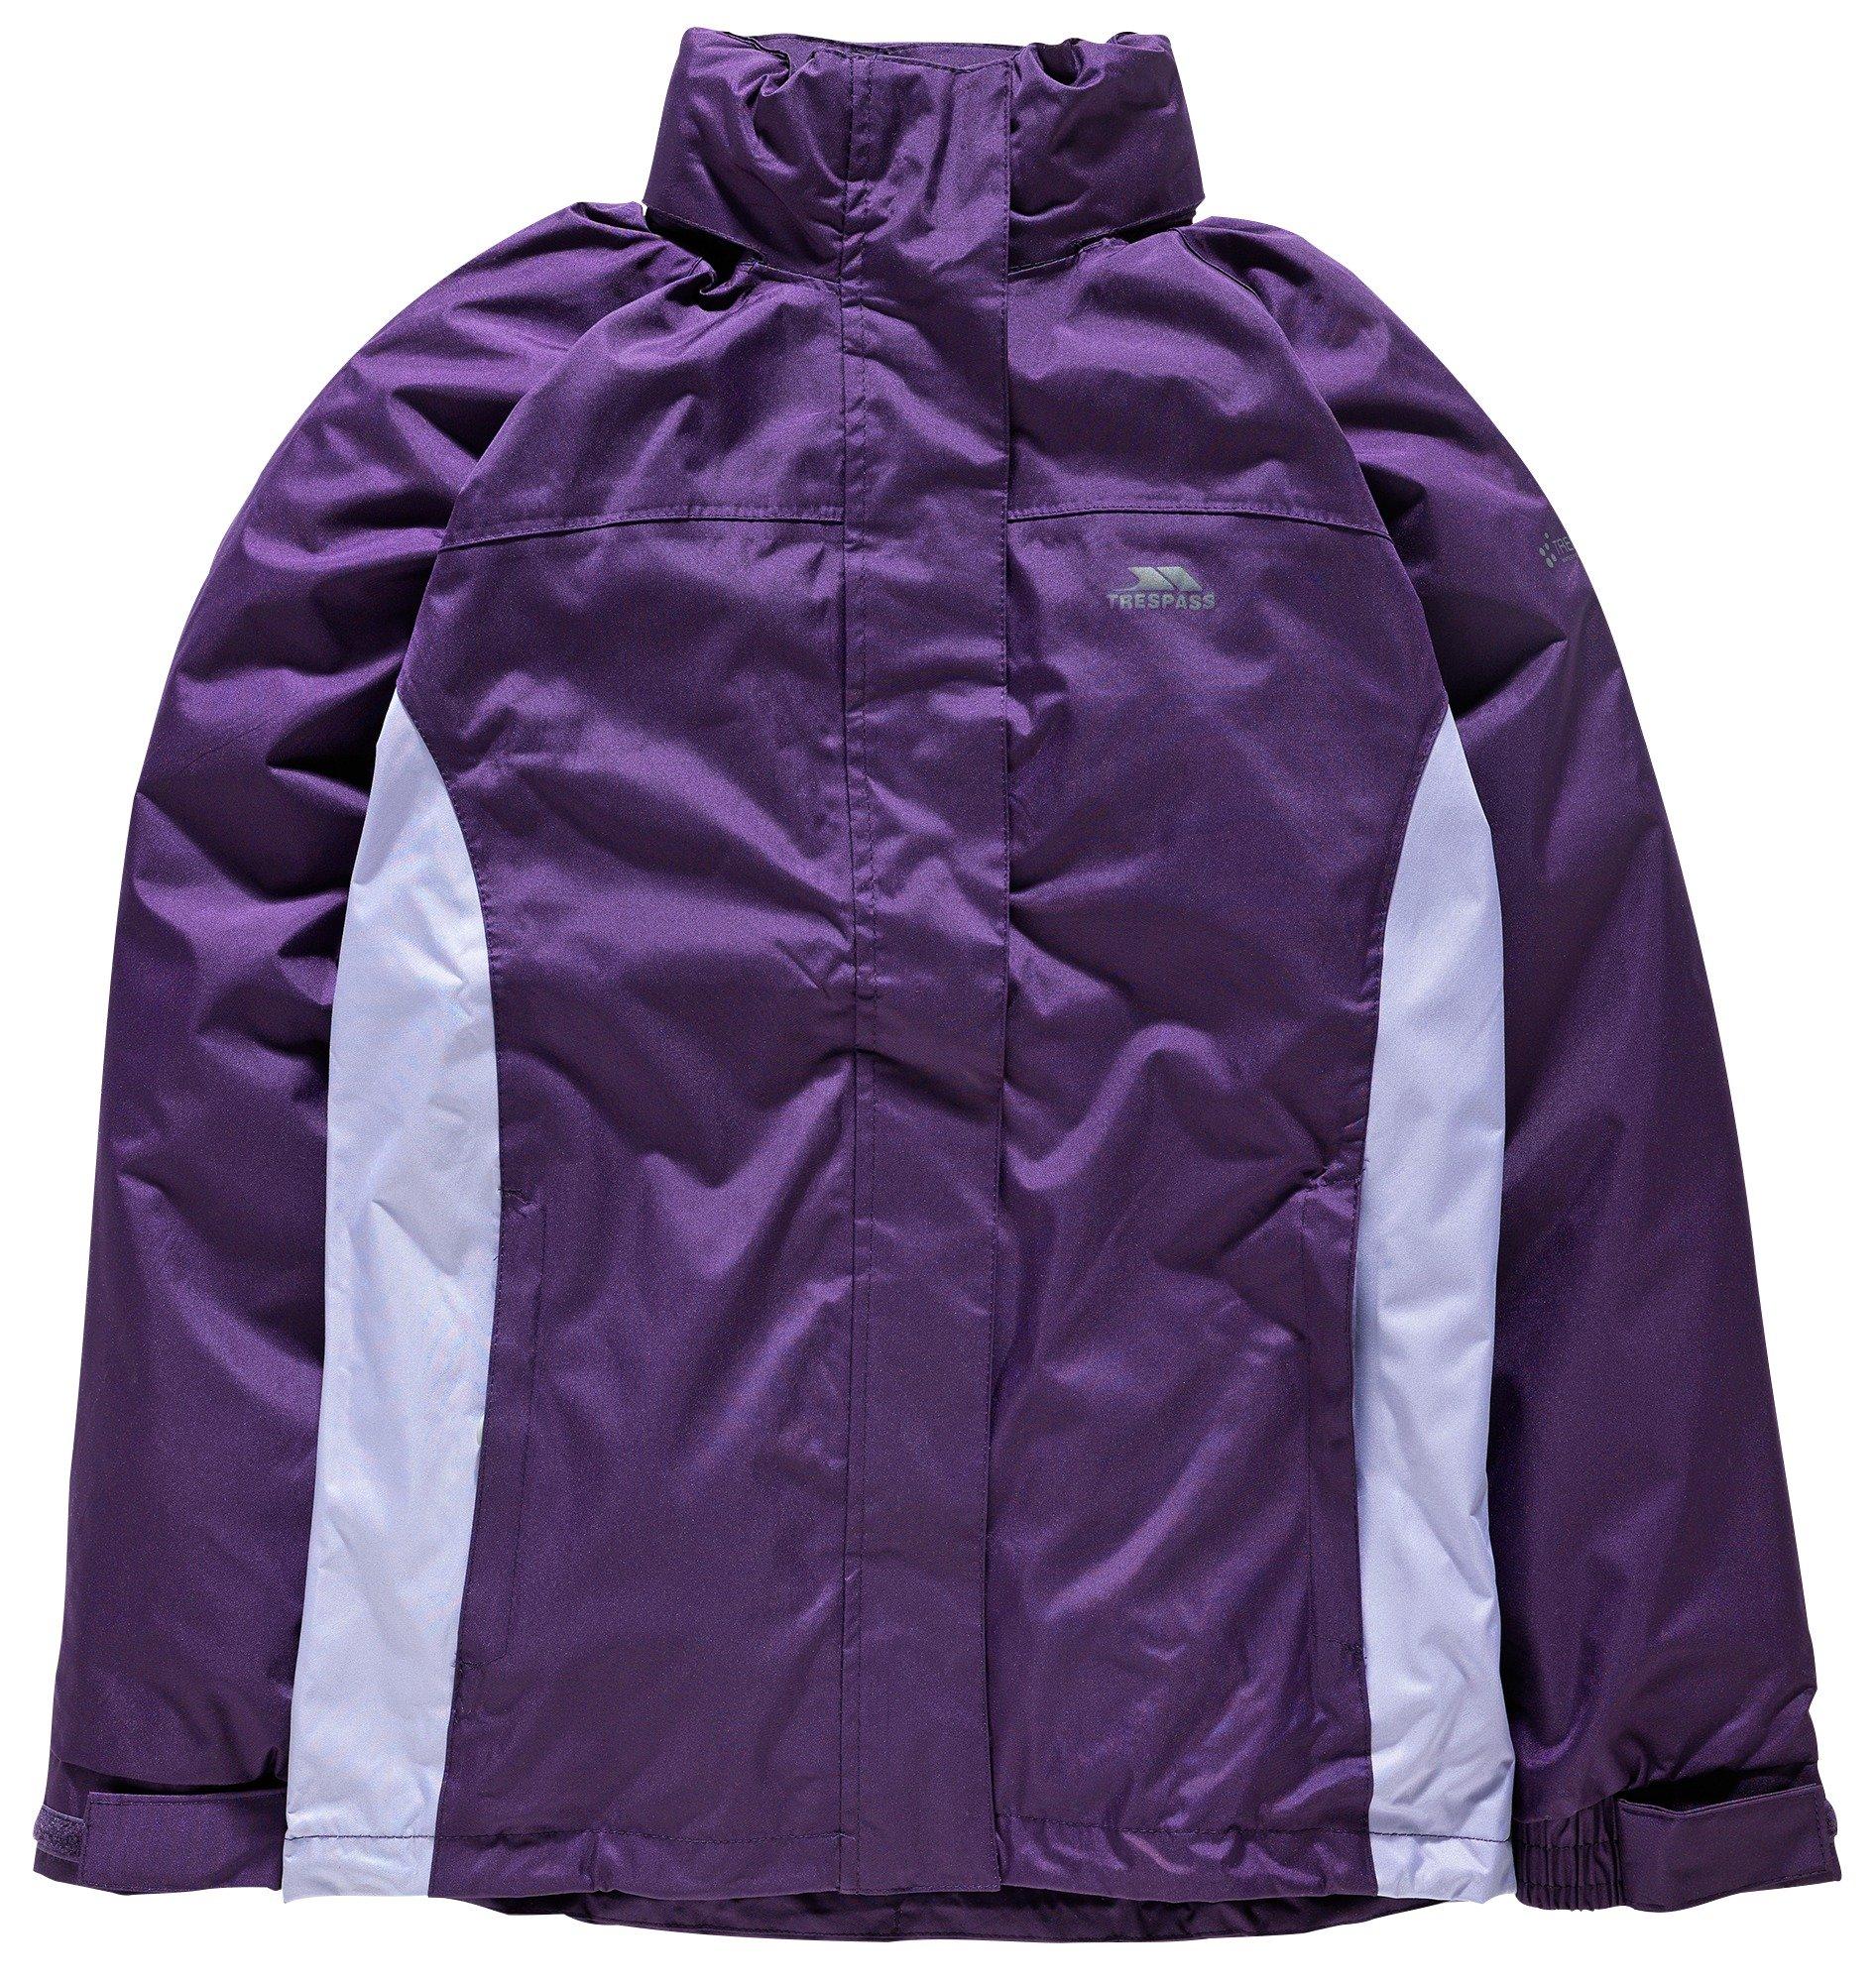 Image of Trespass Ladies' Purple Tarron II Jacket - Large